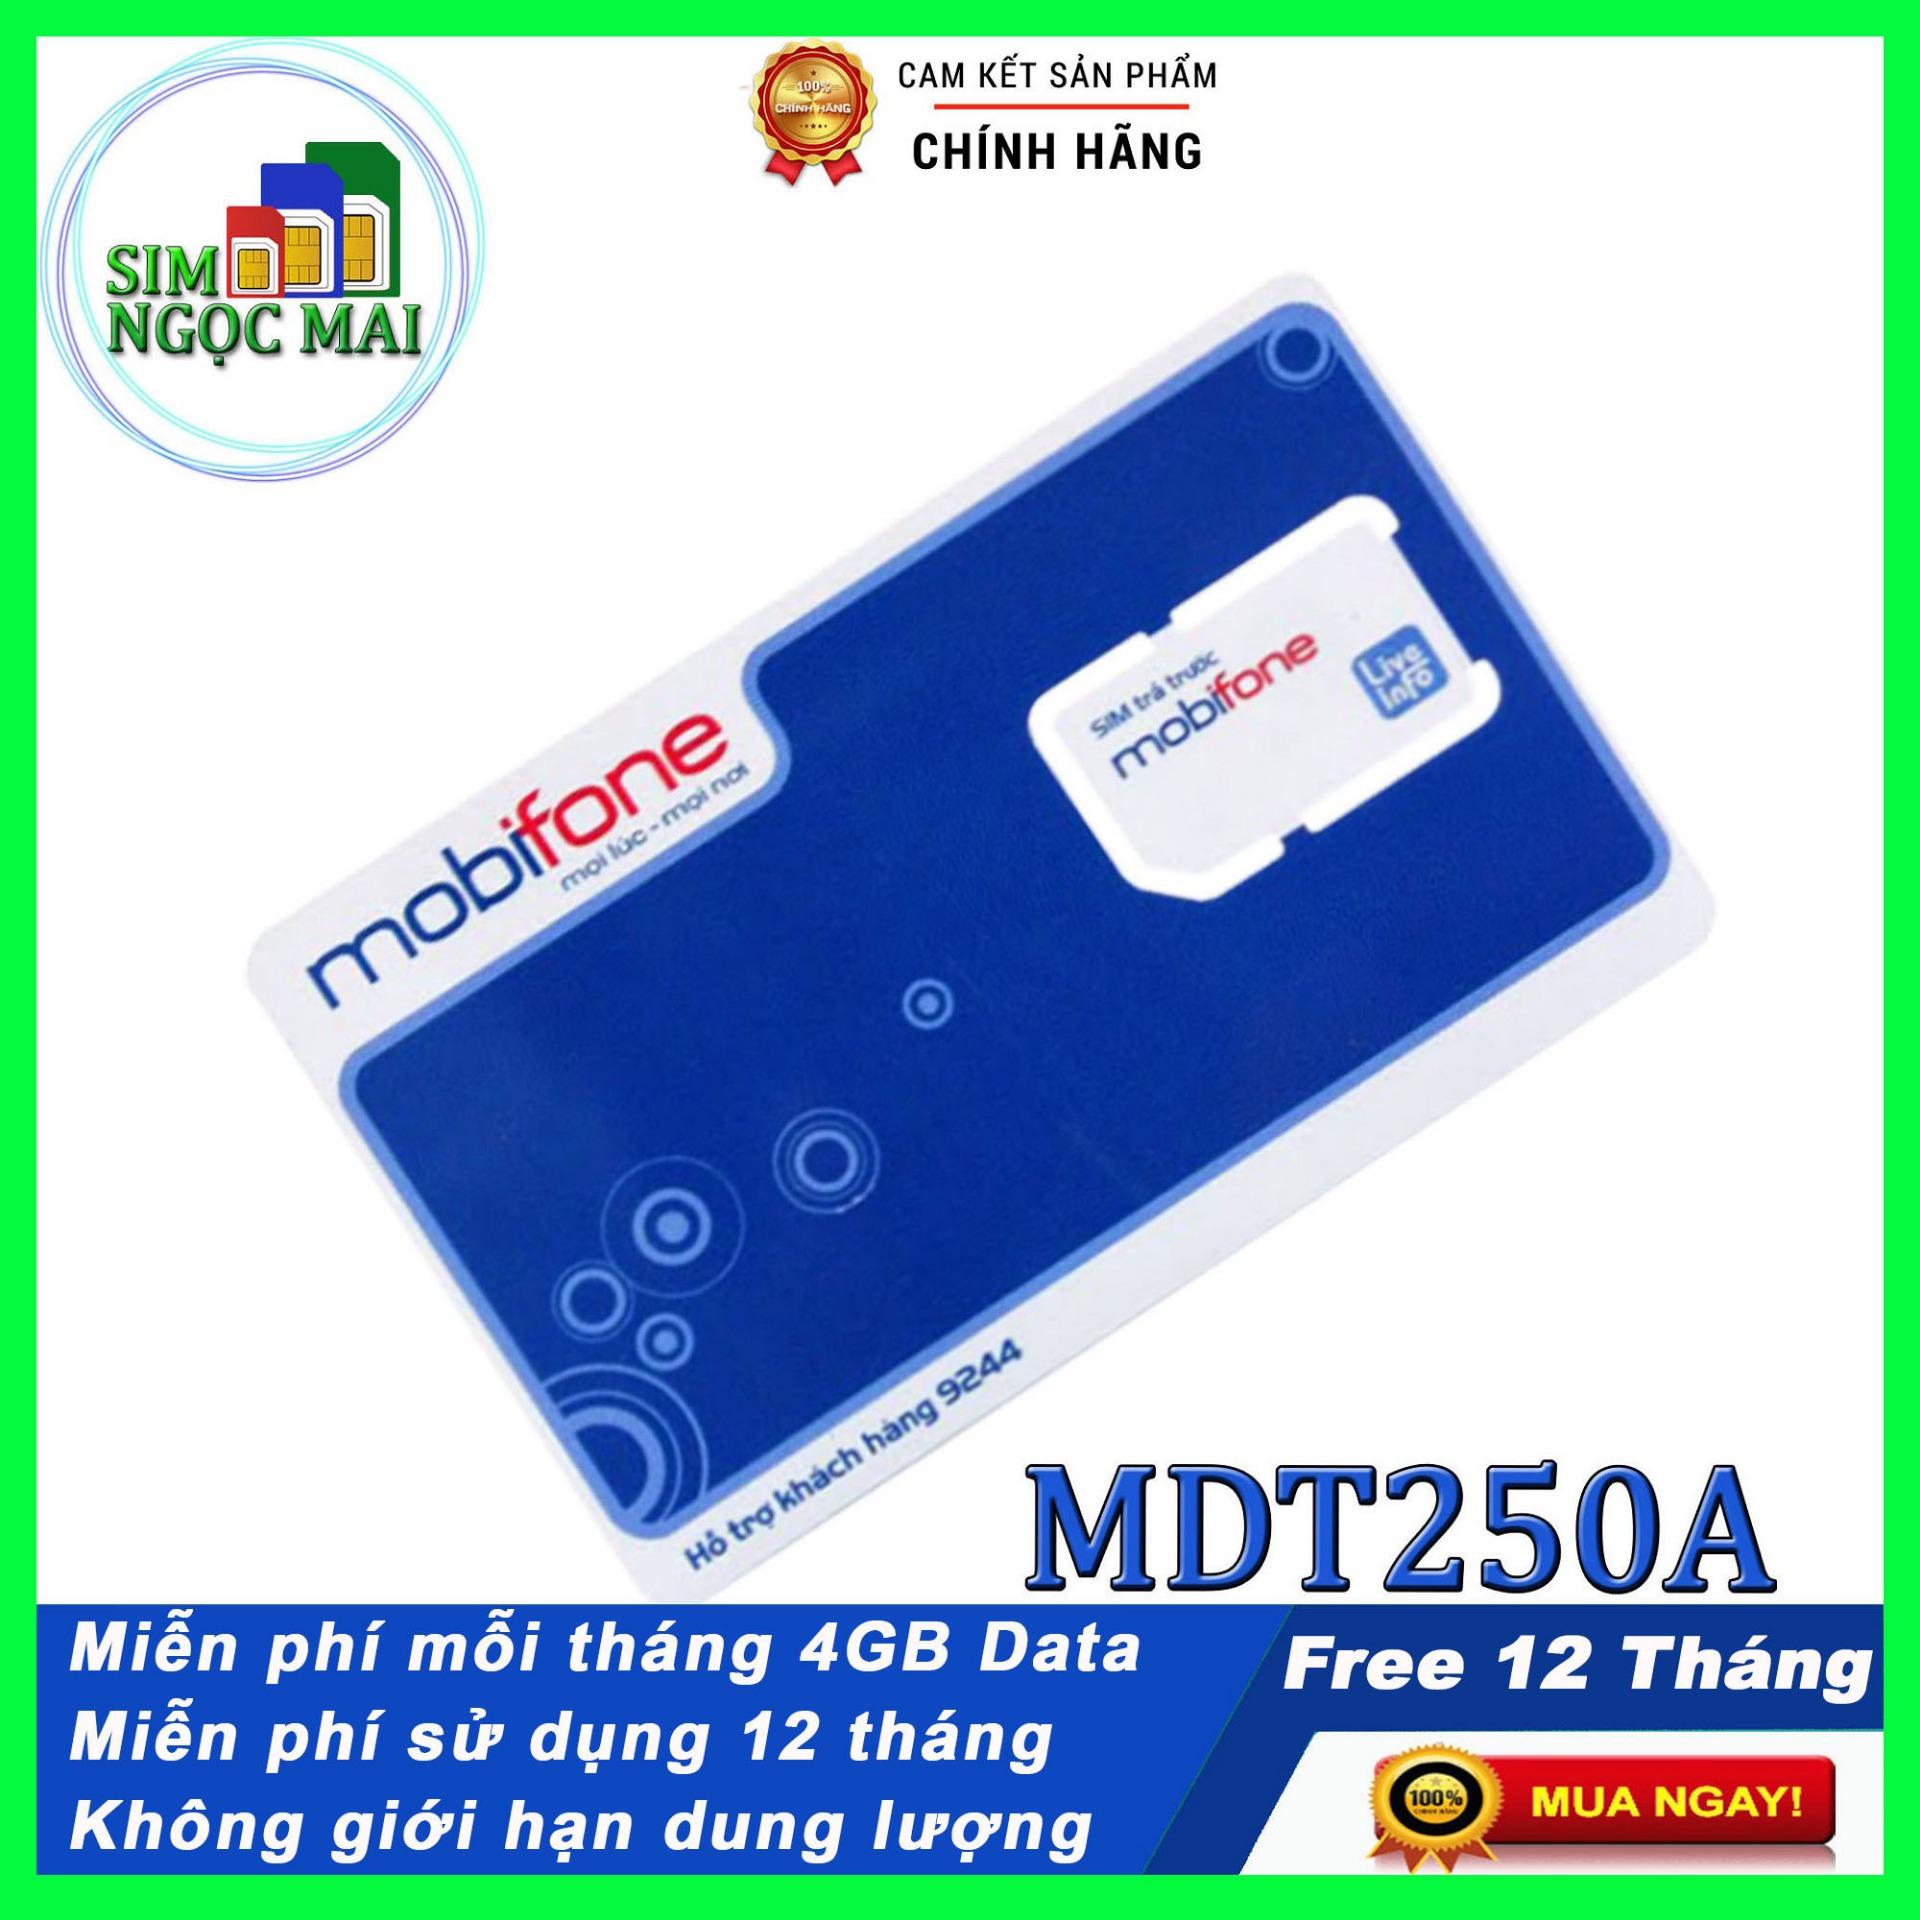 Ưu Đãi Khuyến Mại Khi Mua Sim 4G Mobifone MDT250A Trọn Gói 1 Năm ( 4gb/tháng)